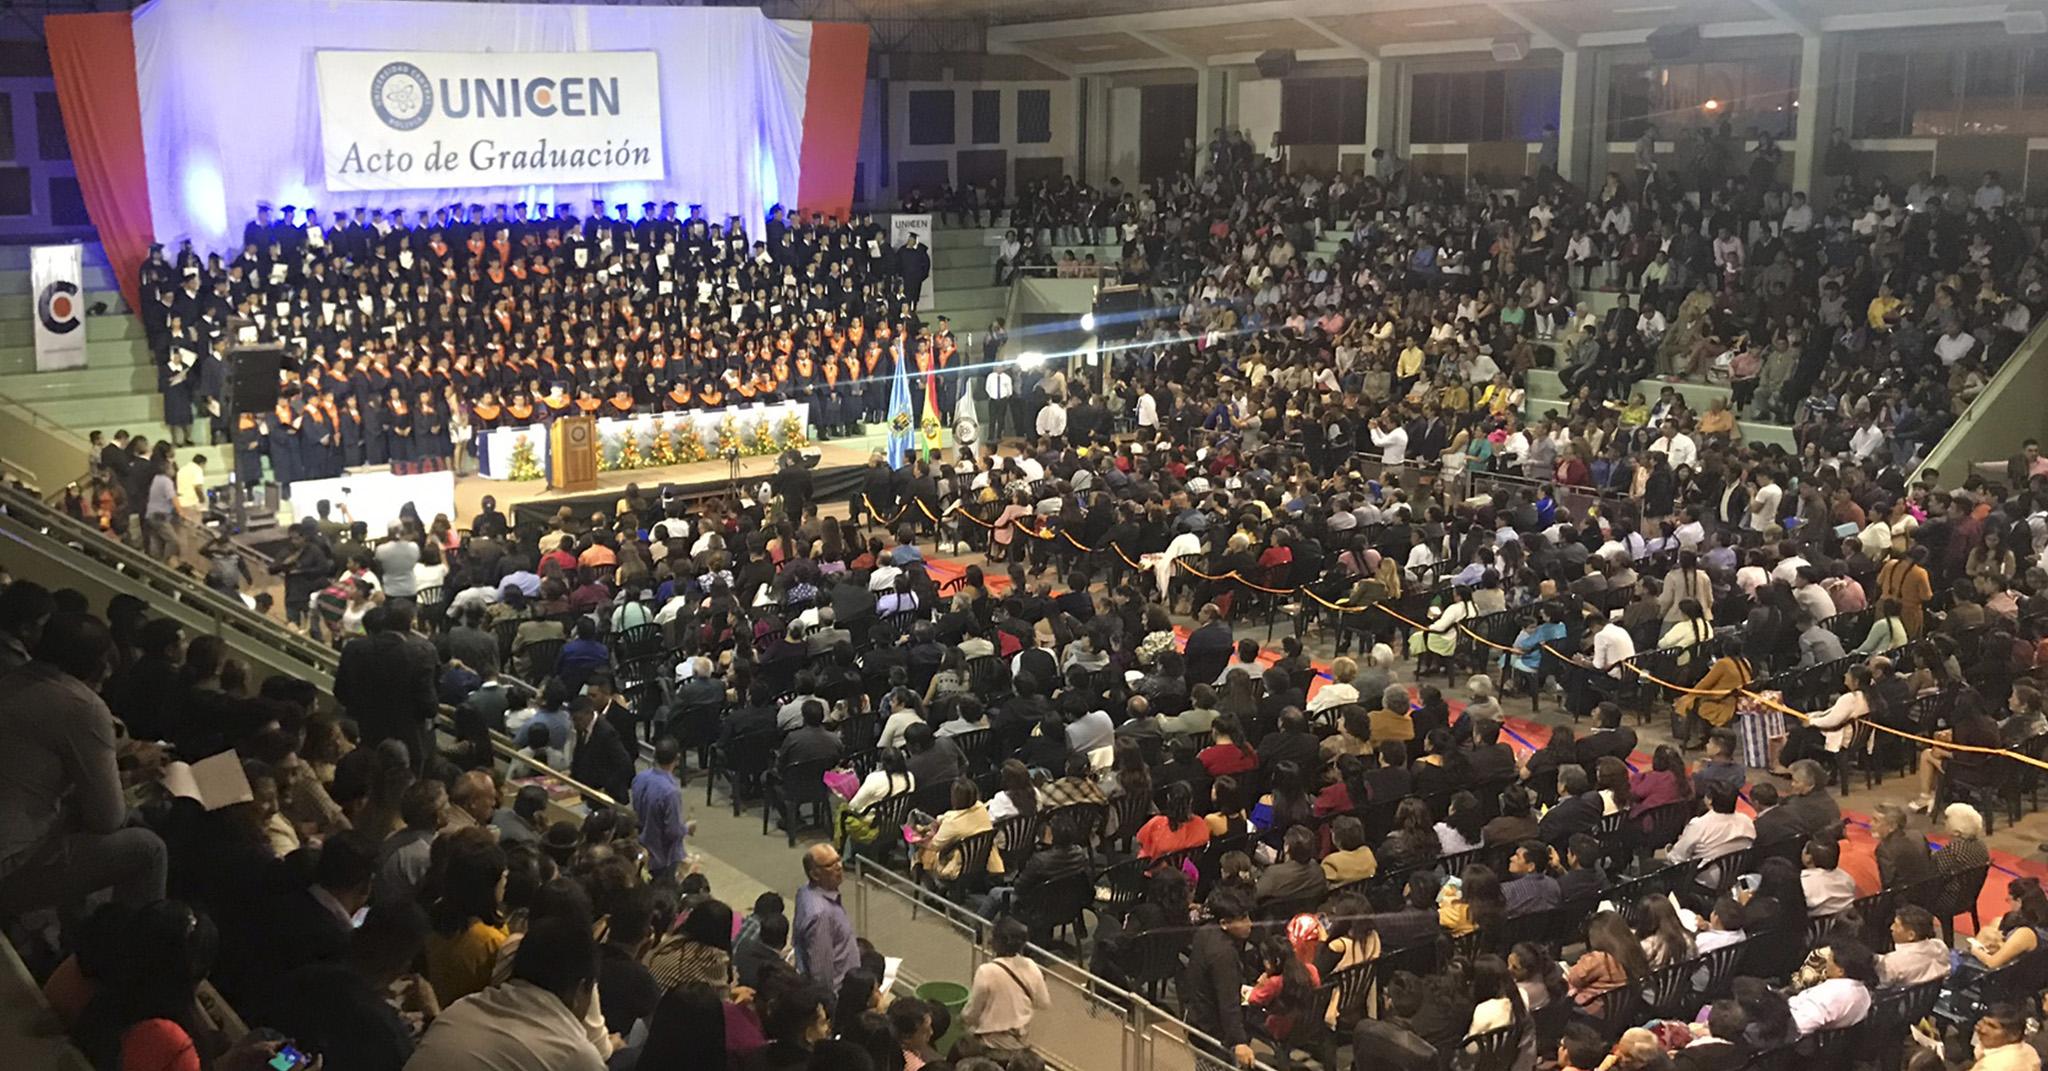 SOLEMNE ACTO DE GRADUACIÓN DE LA PROMOCIÓN 2/2018